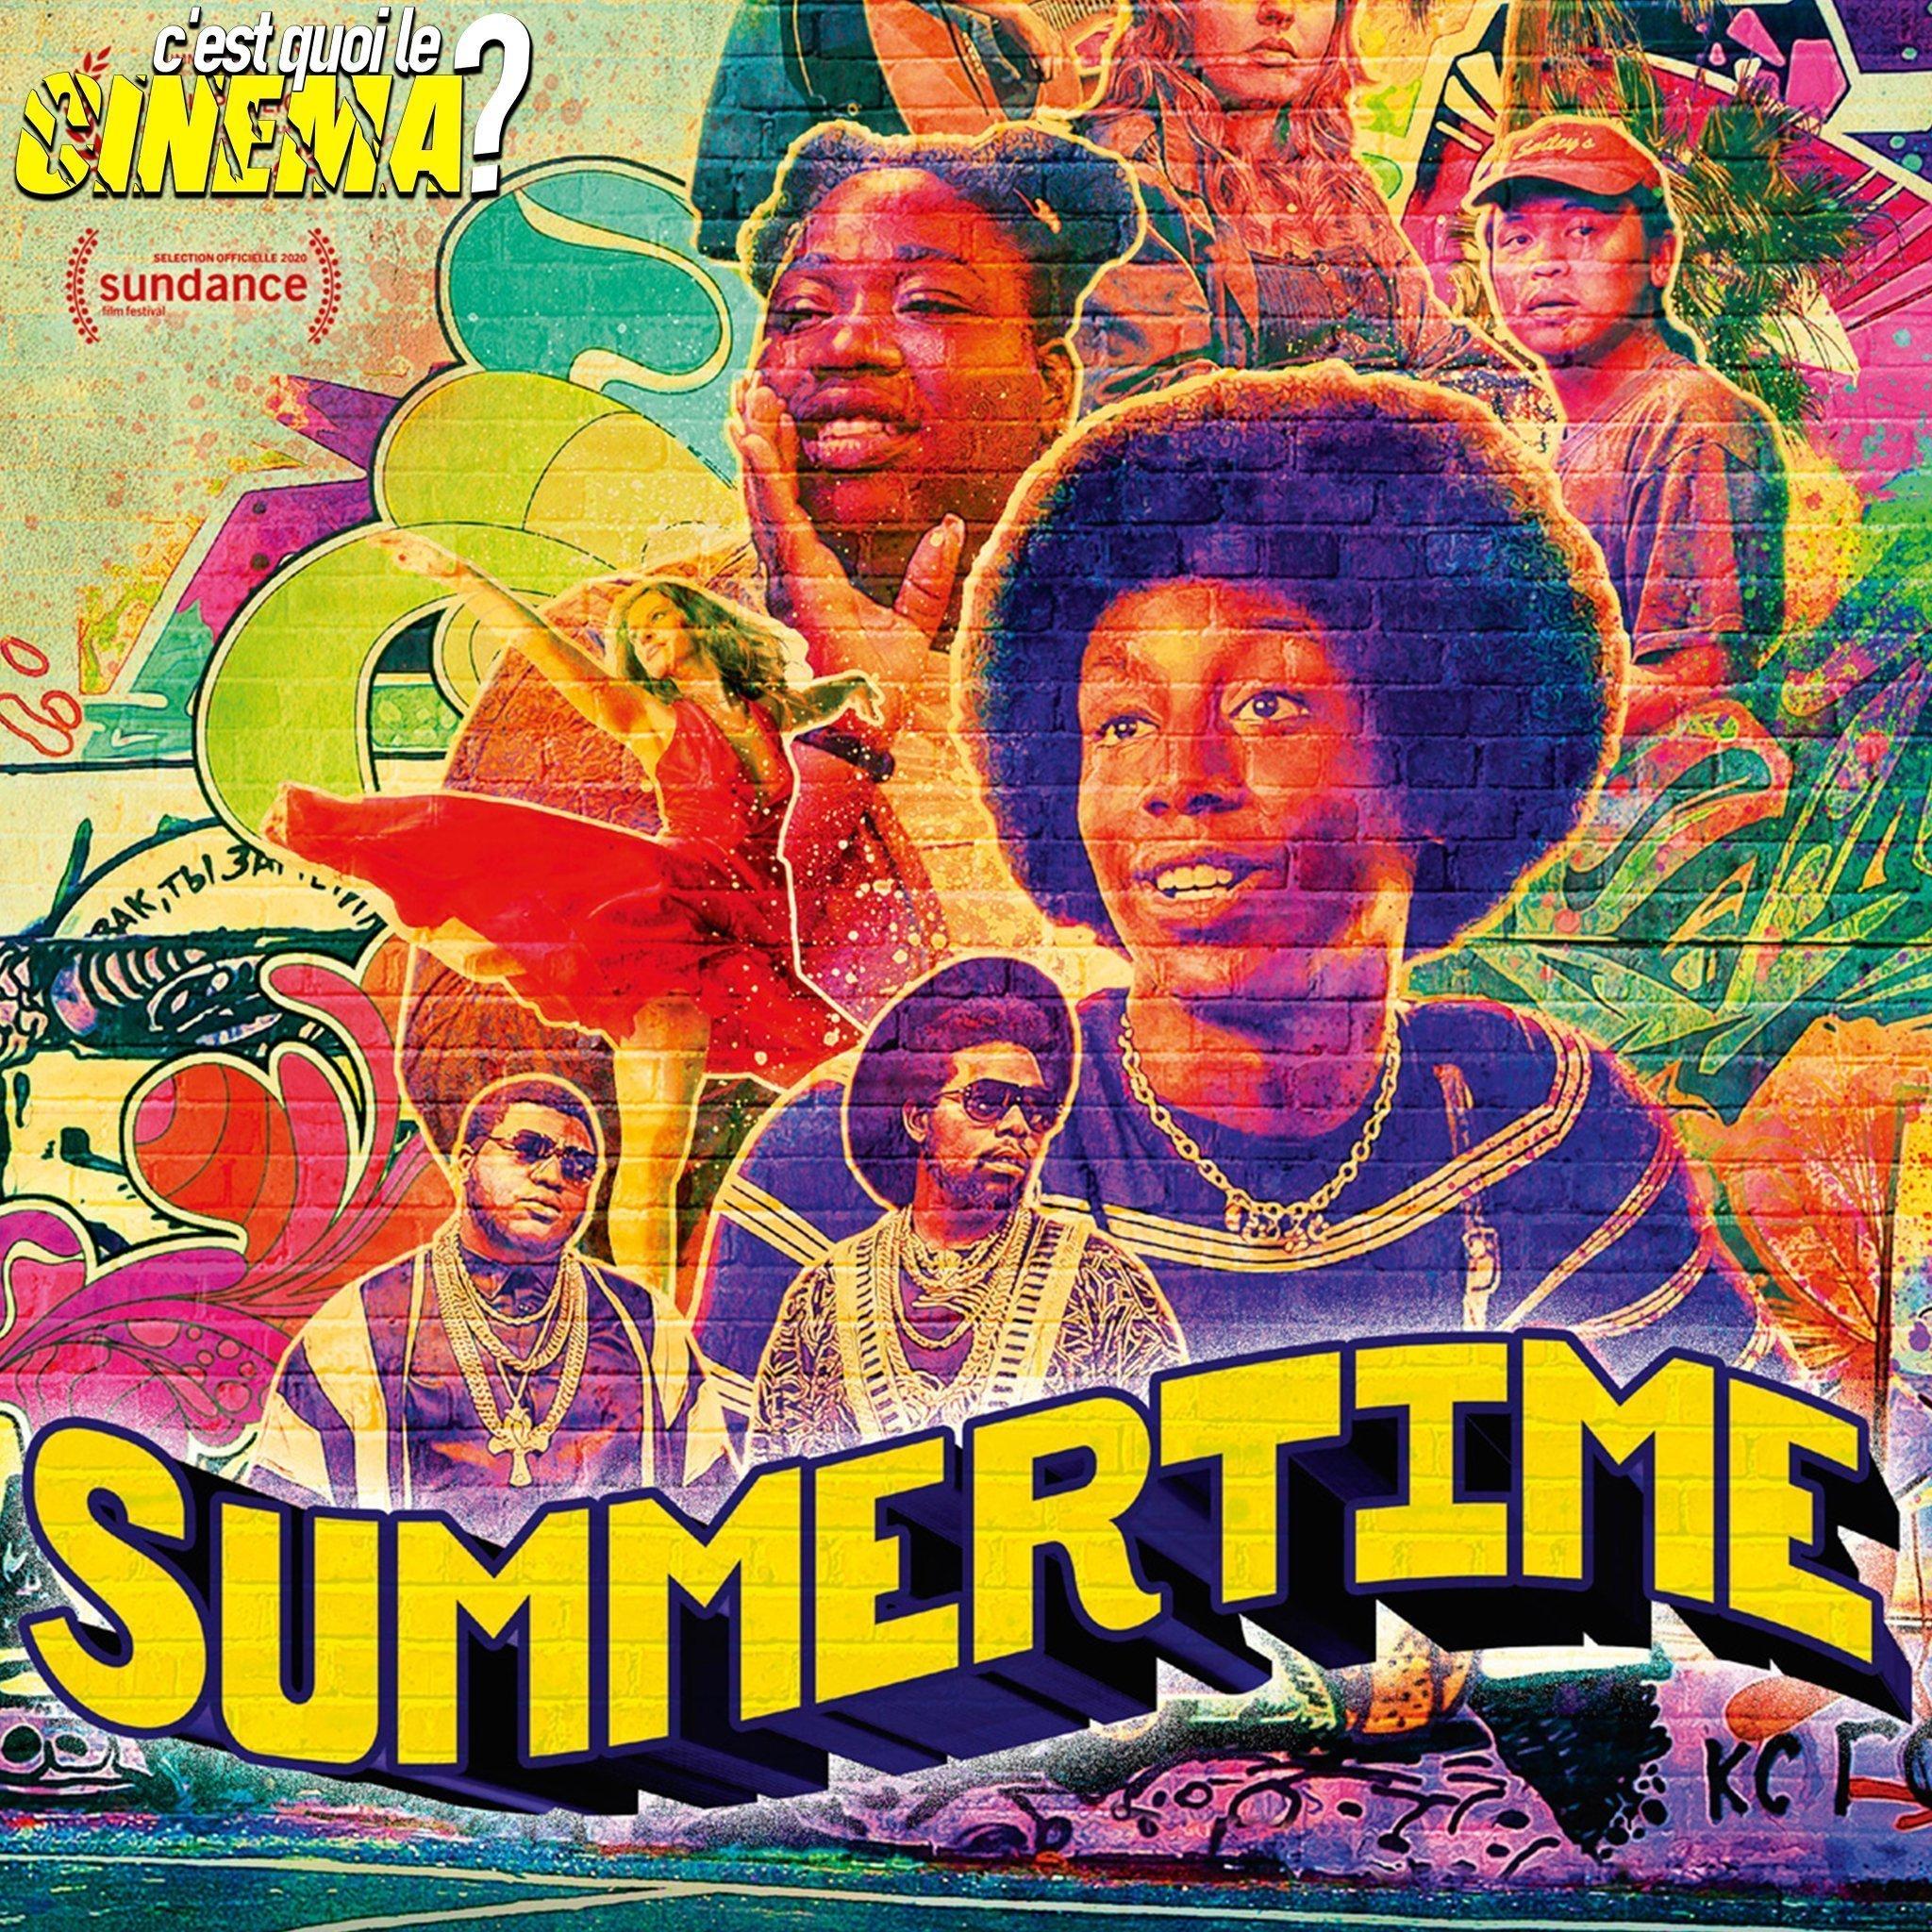 [CRITIQUE] Summertime – Moments de vie(s)